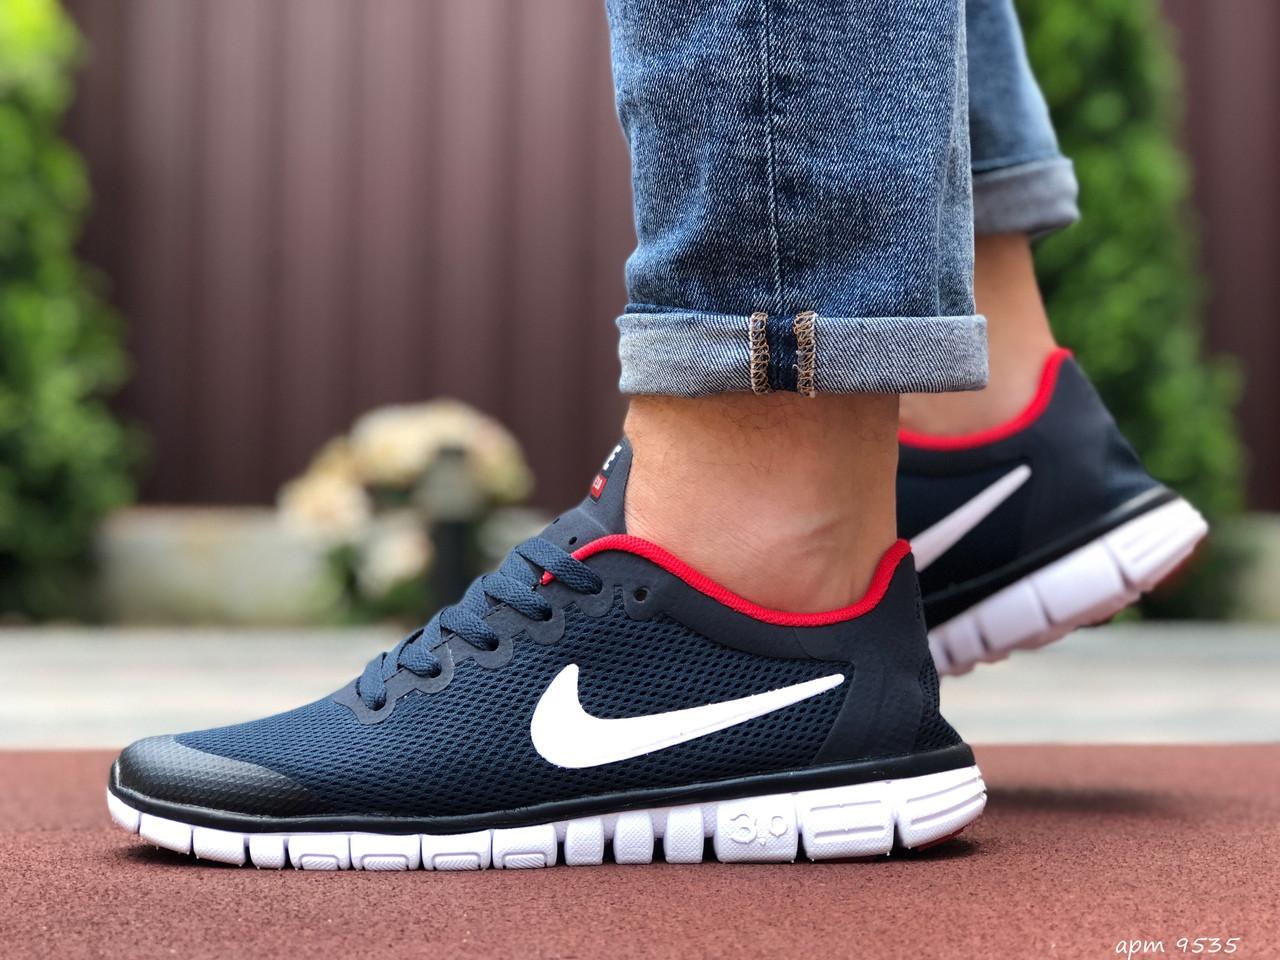 Кроссовки мужские Nike Free Run.Стильные кроссовки темно-синего цвета.